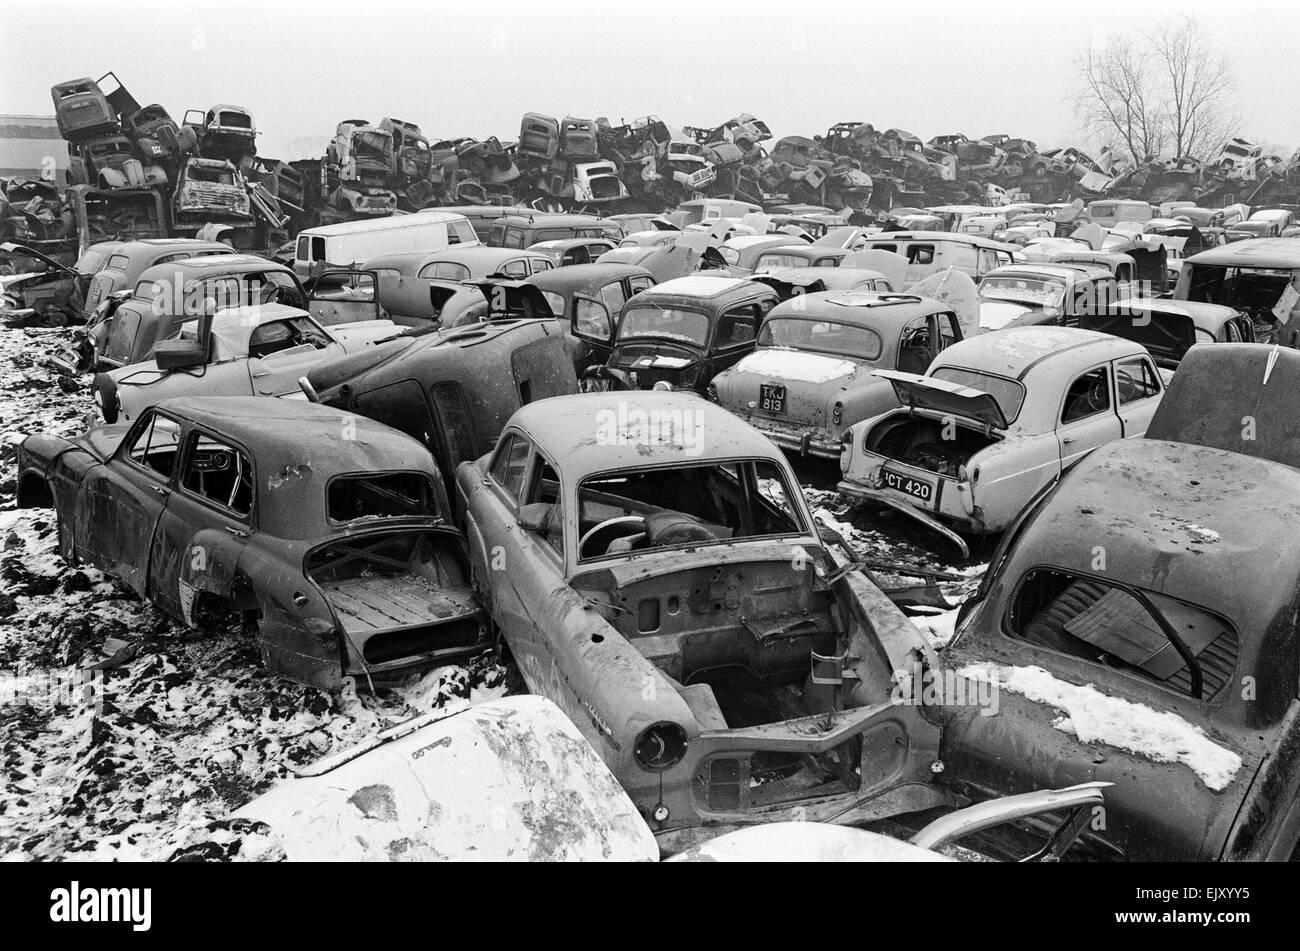 Jones Brothers, scrap metal dealers. c.1960 - Stock Image